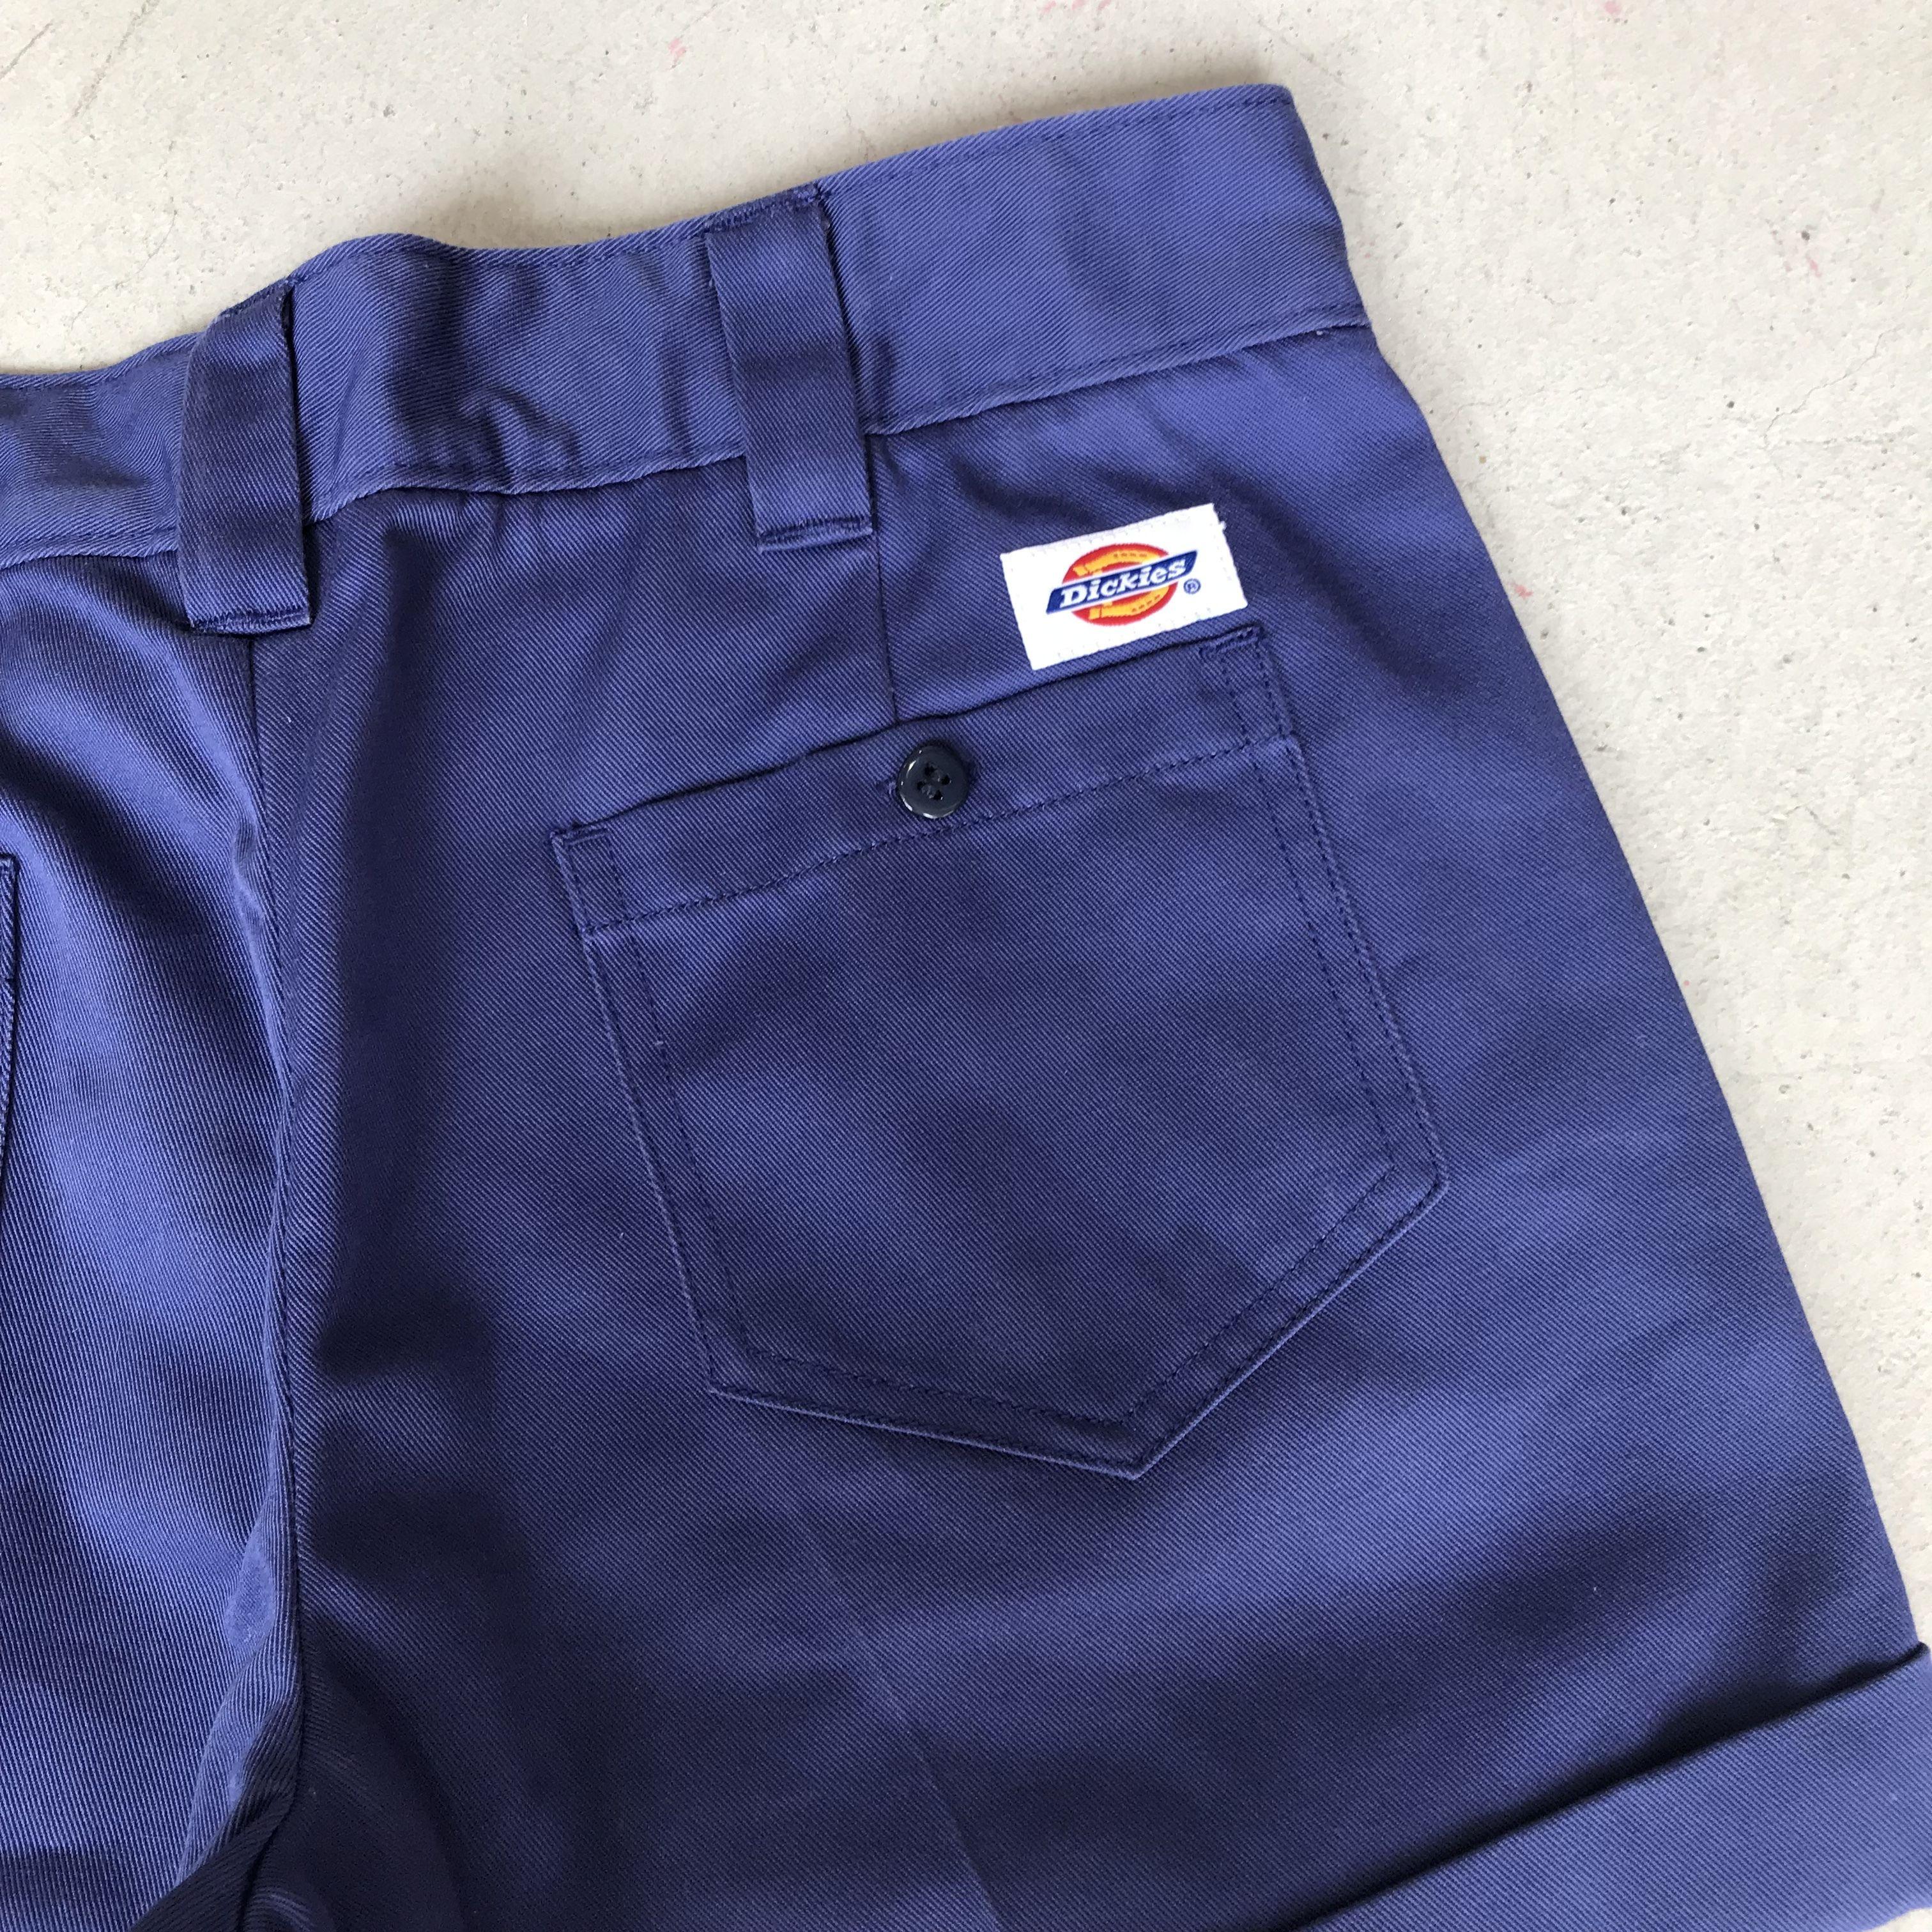 used dickes purple ショートパンツ